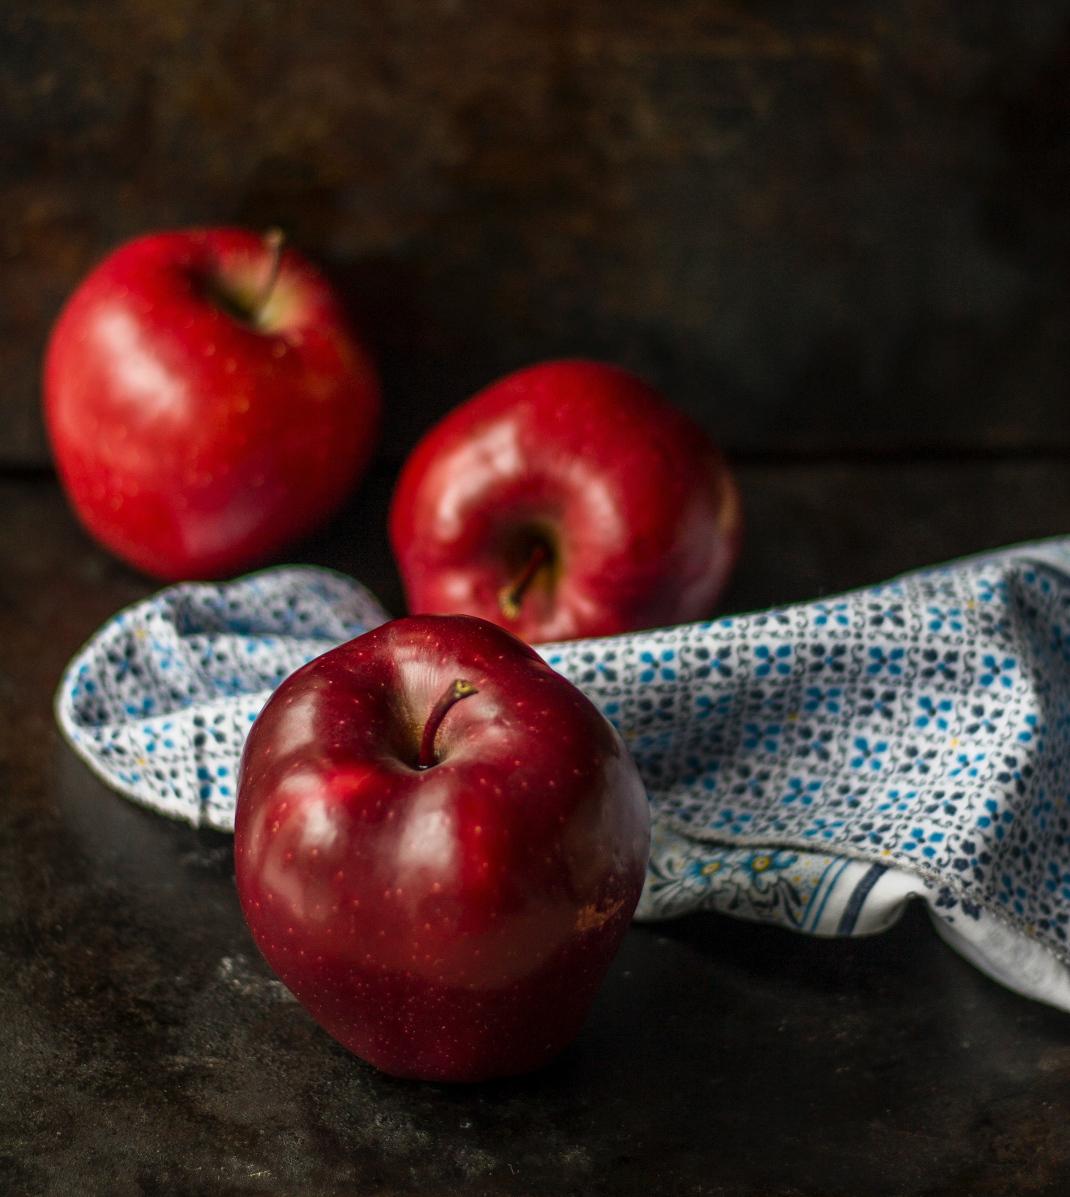 Ταρτ Τατέν: Η ανάποδη τάρτα μήλου και το εσπιονάζ ενός εστιάτορα για να κλέψει τη συνταγή της, φωτογραφία-1